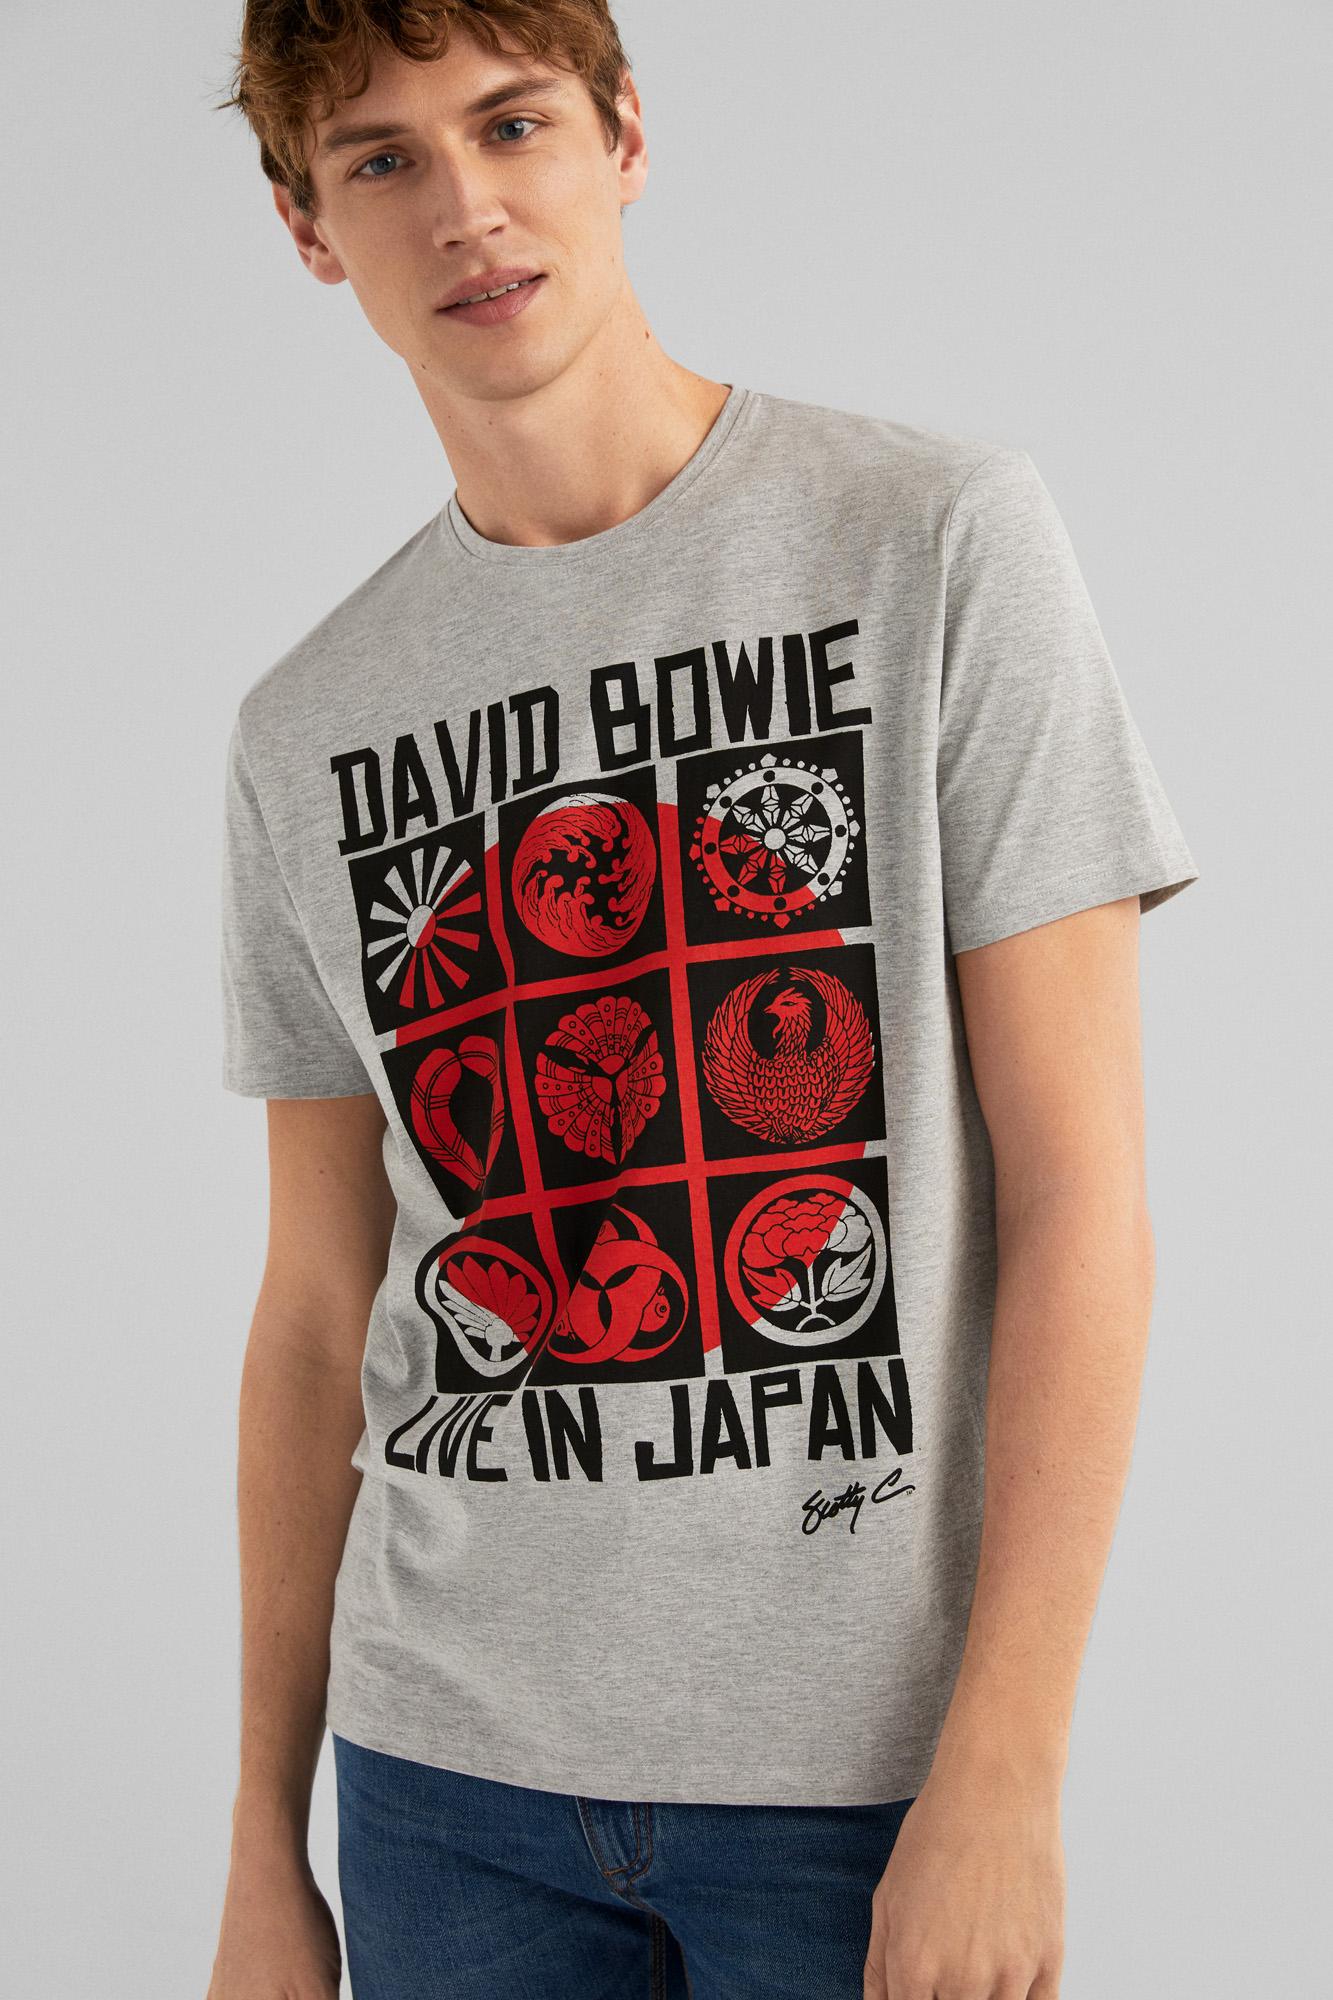 Camisetaza de Bowie Live in Japan a precio de risa